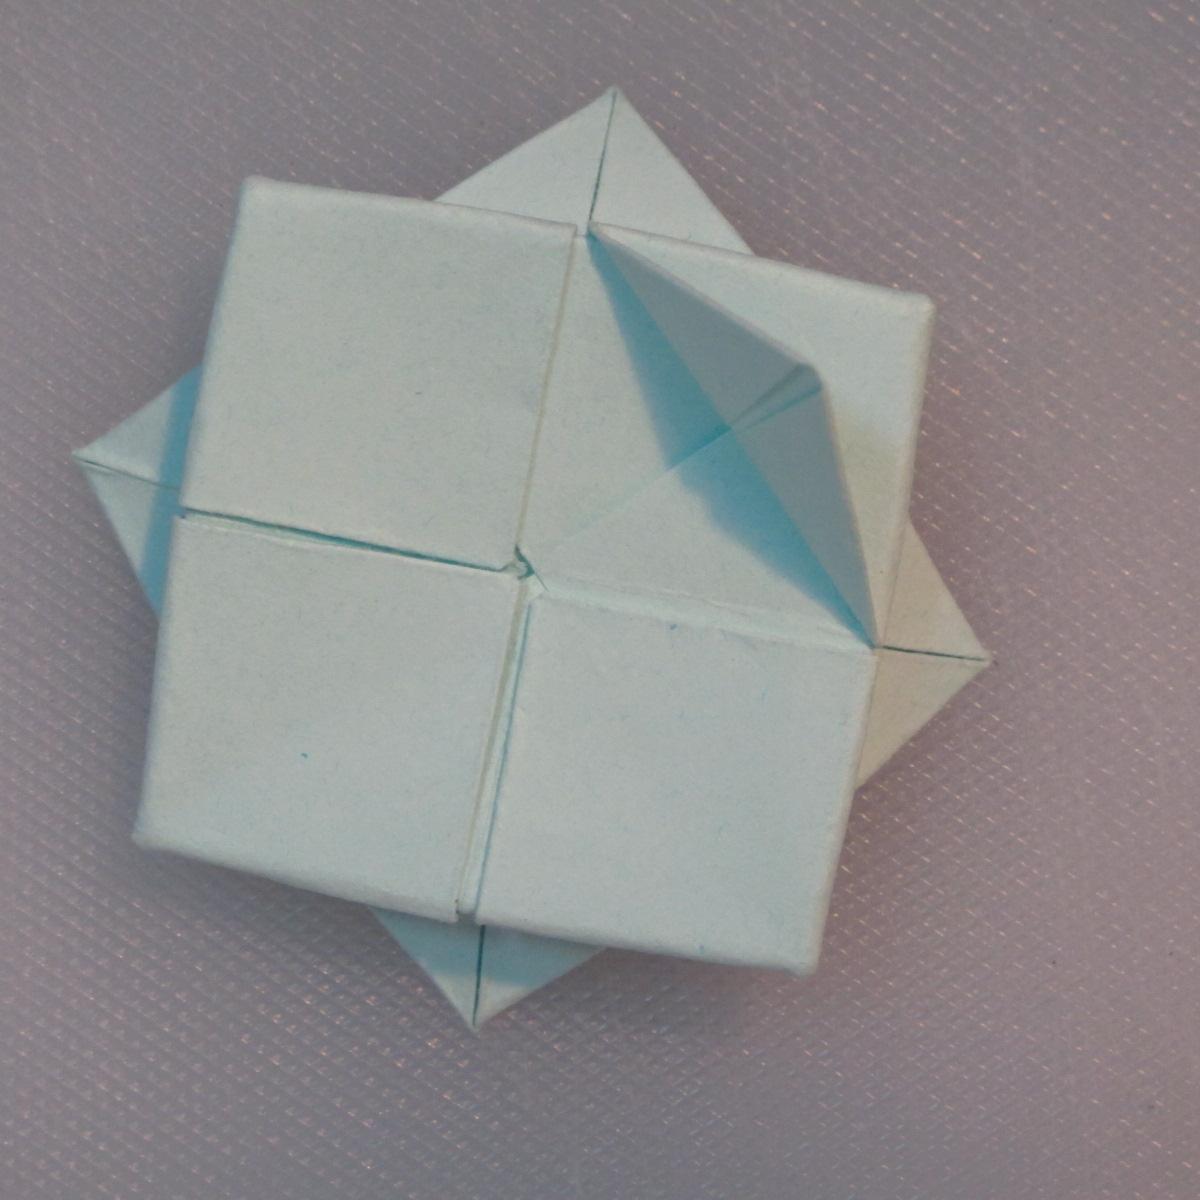 วิธีการพับกระดาษเป็นรูปโบว์ติดกล่องของขวัญ 010